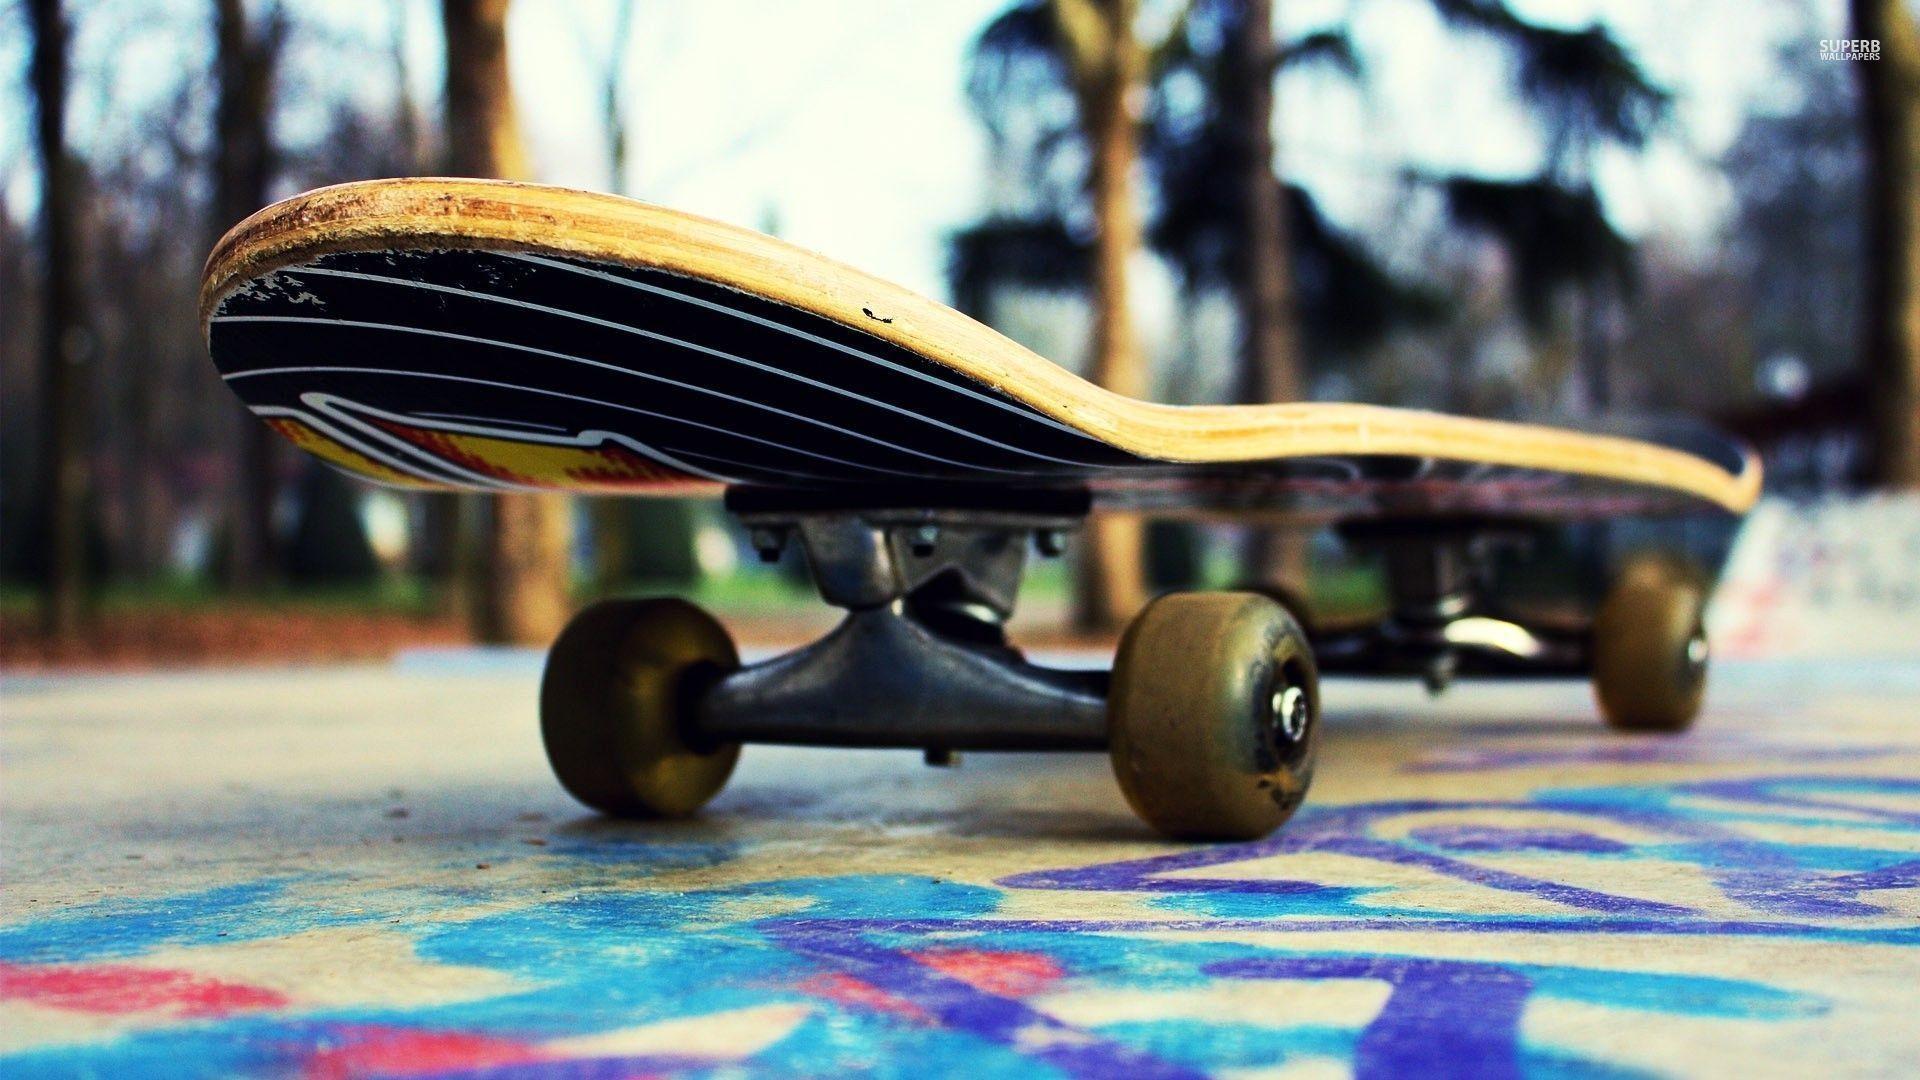 Penny Skateboards Girl Wallpaper Girl Skateboard Wallpaper 31 Images